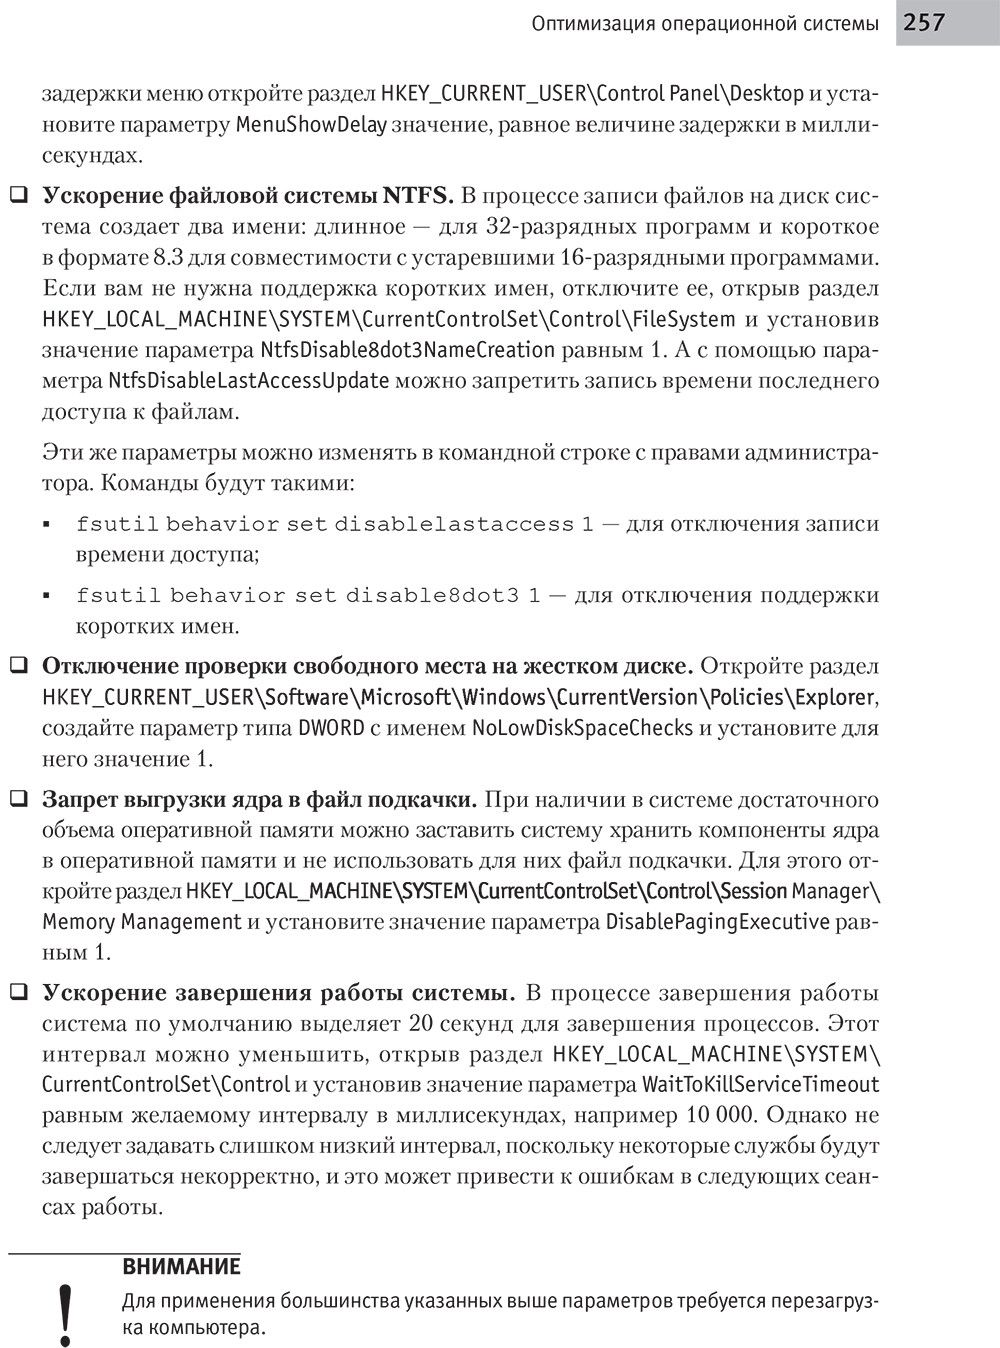 ���� ������ | ������ � ����������� ���������� �� 100% | PDF